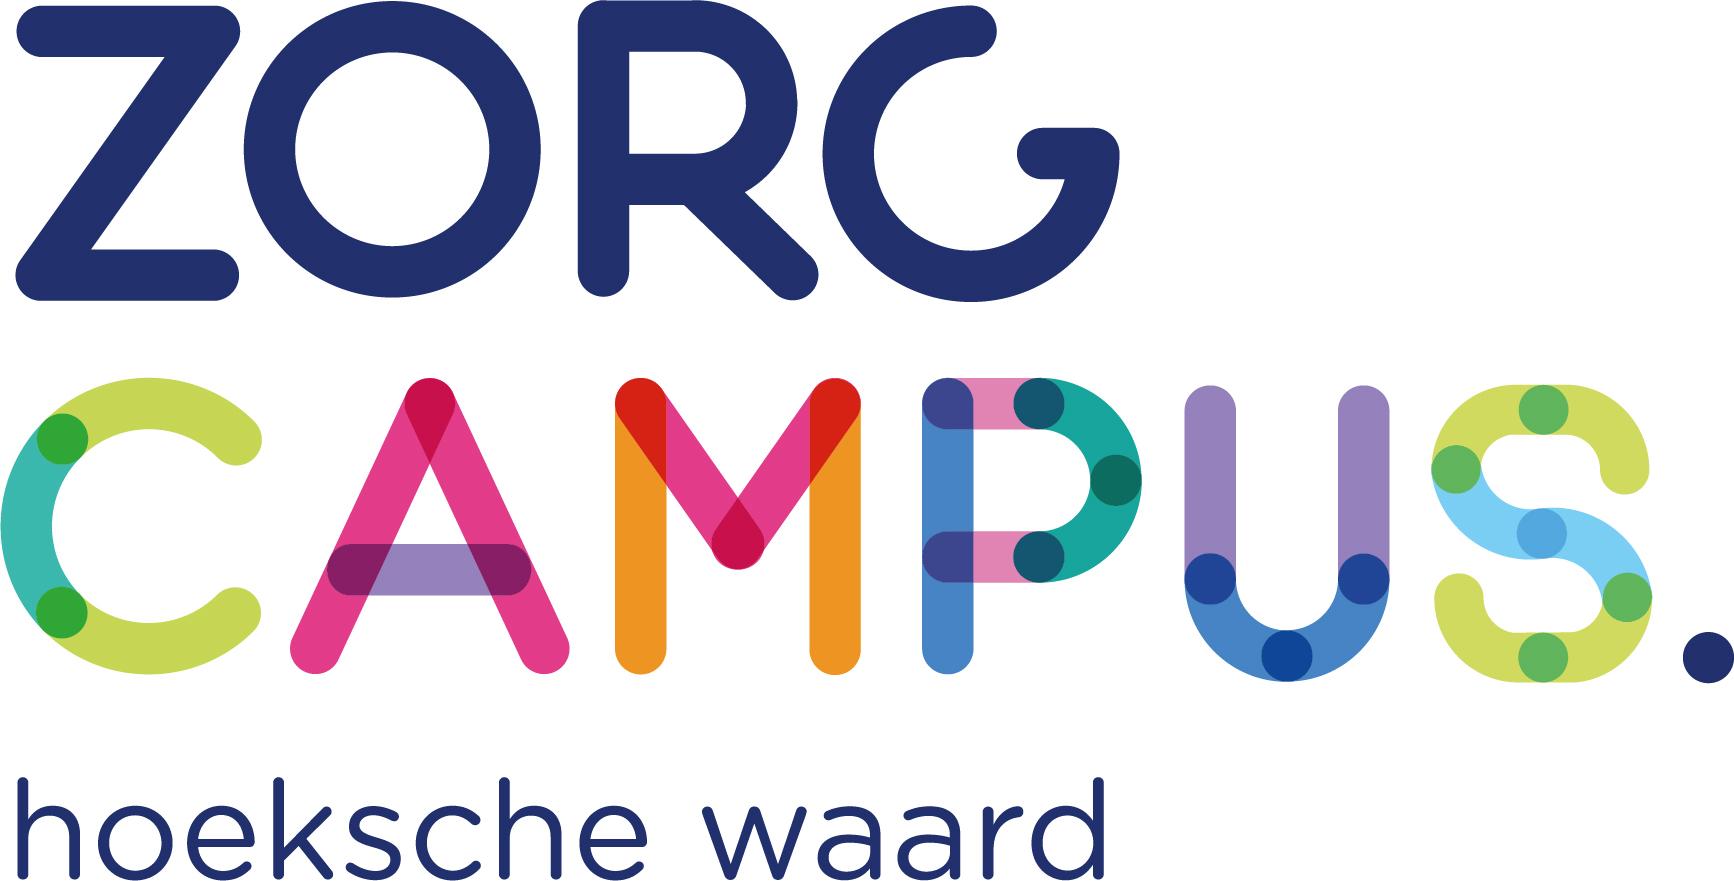 Zorgcampus Hoeksche Waard